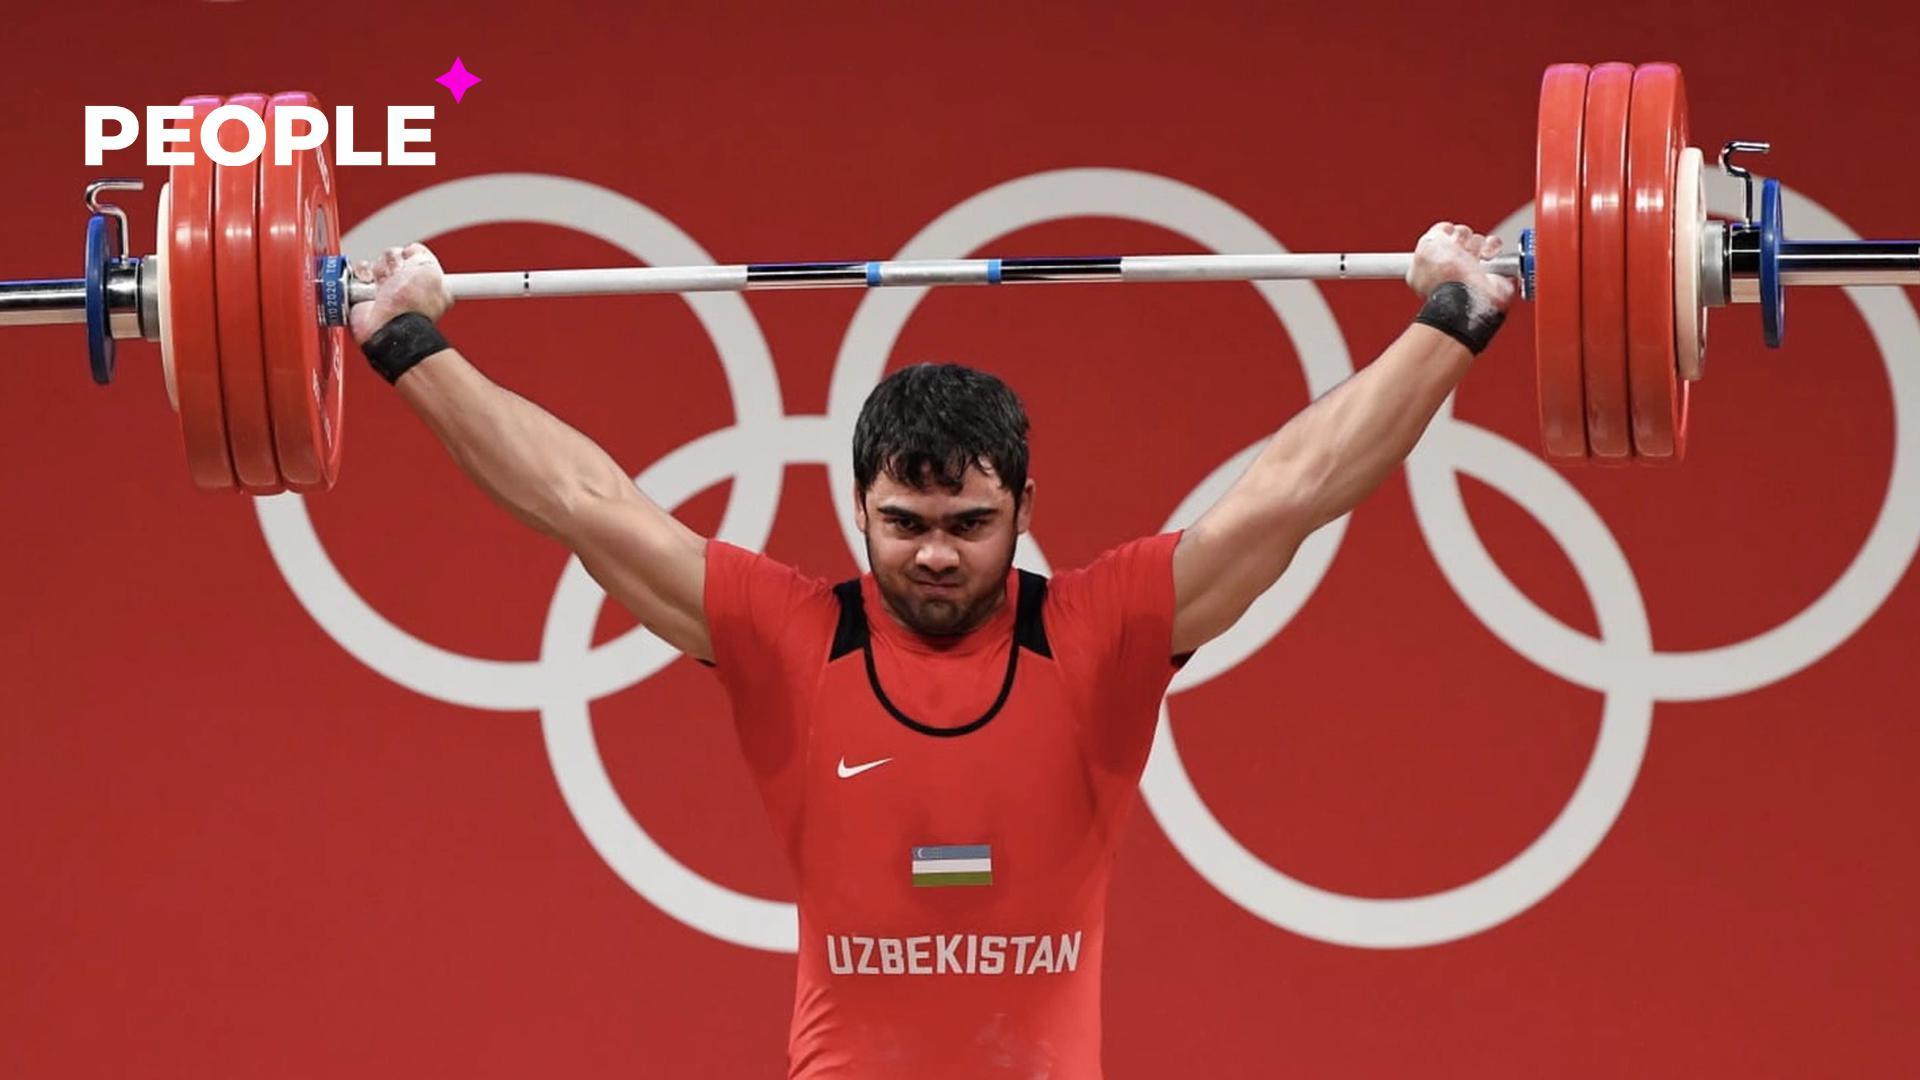 Штангист Акбар Джураев принес Узбекистану вторую золотую медаль на Олимпийских Играх в Токио